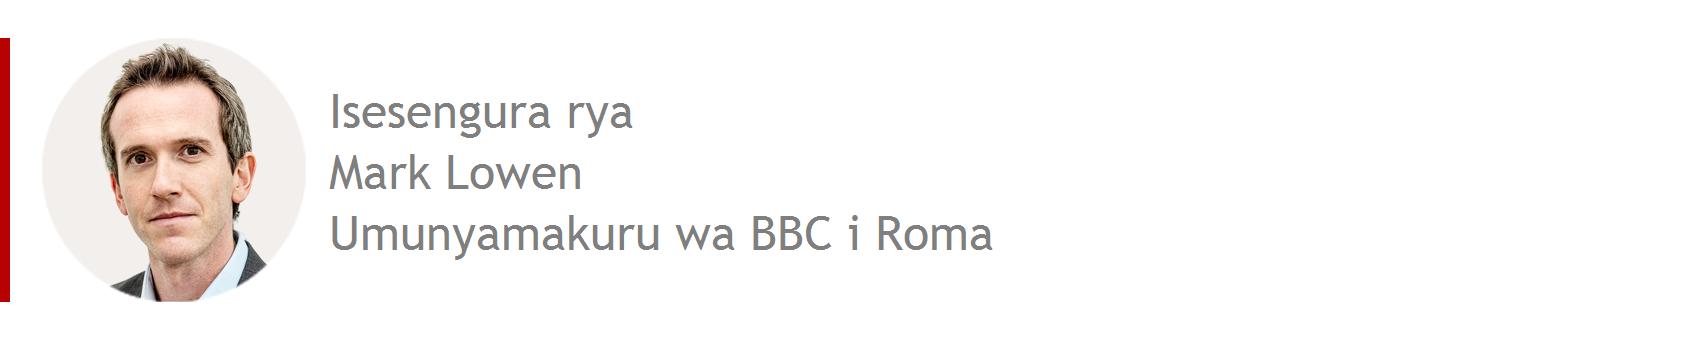 Isesengura rya BBC